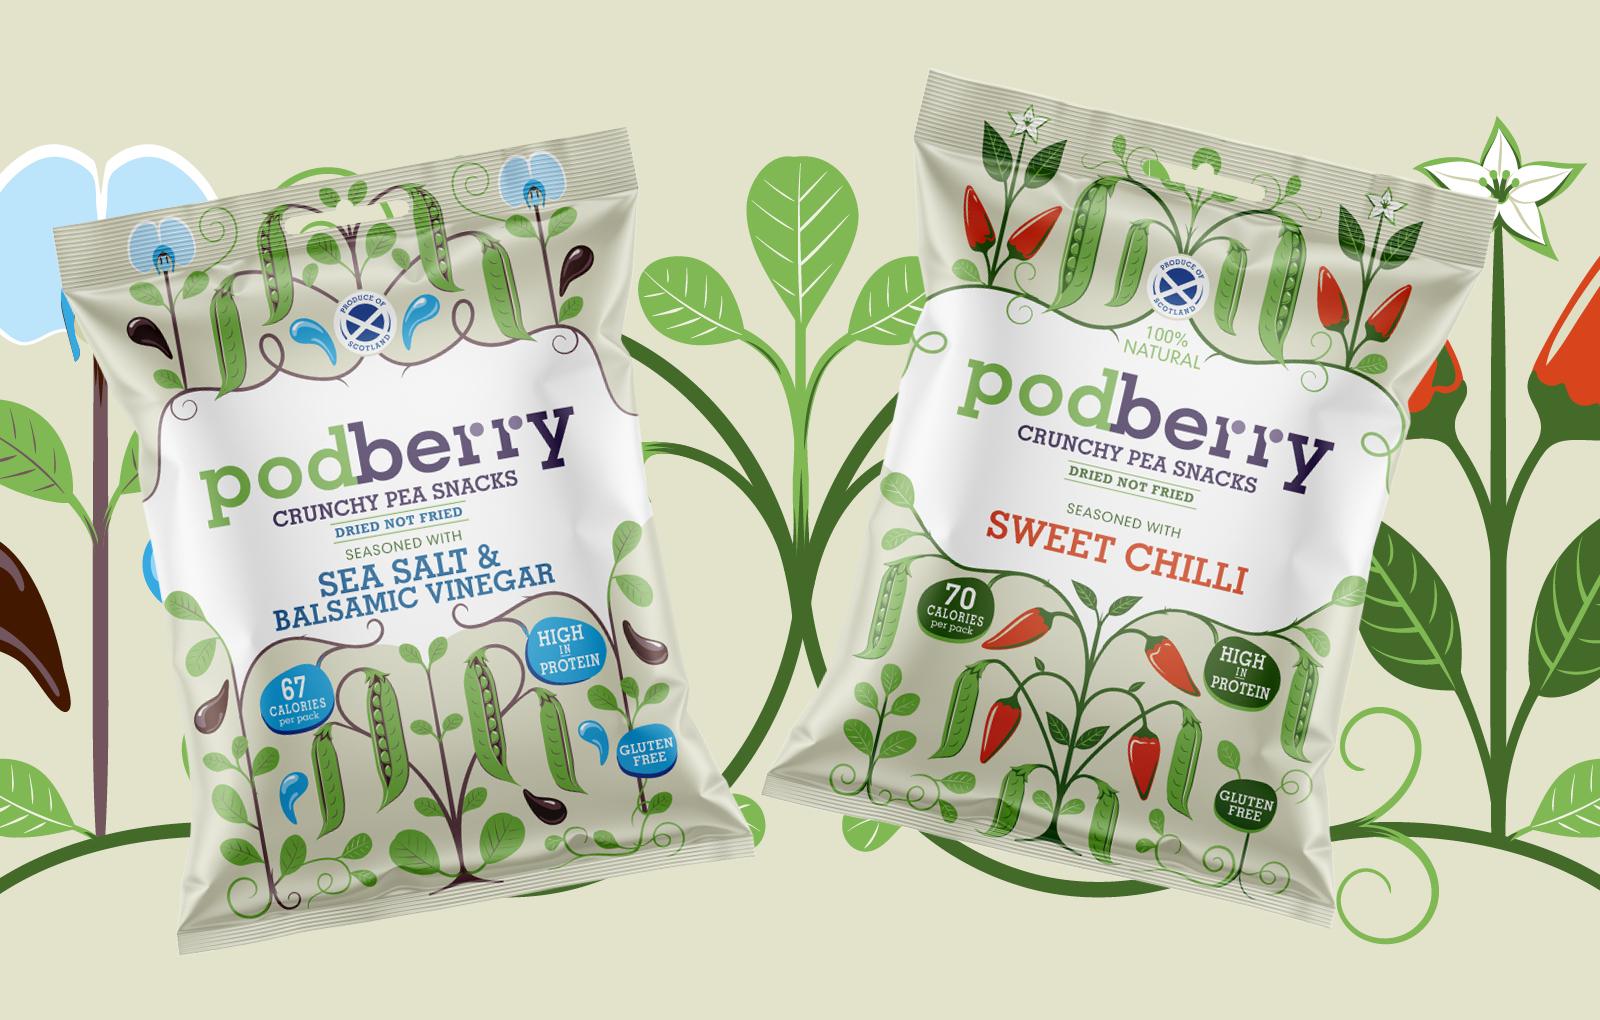 Podberry